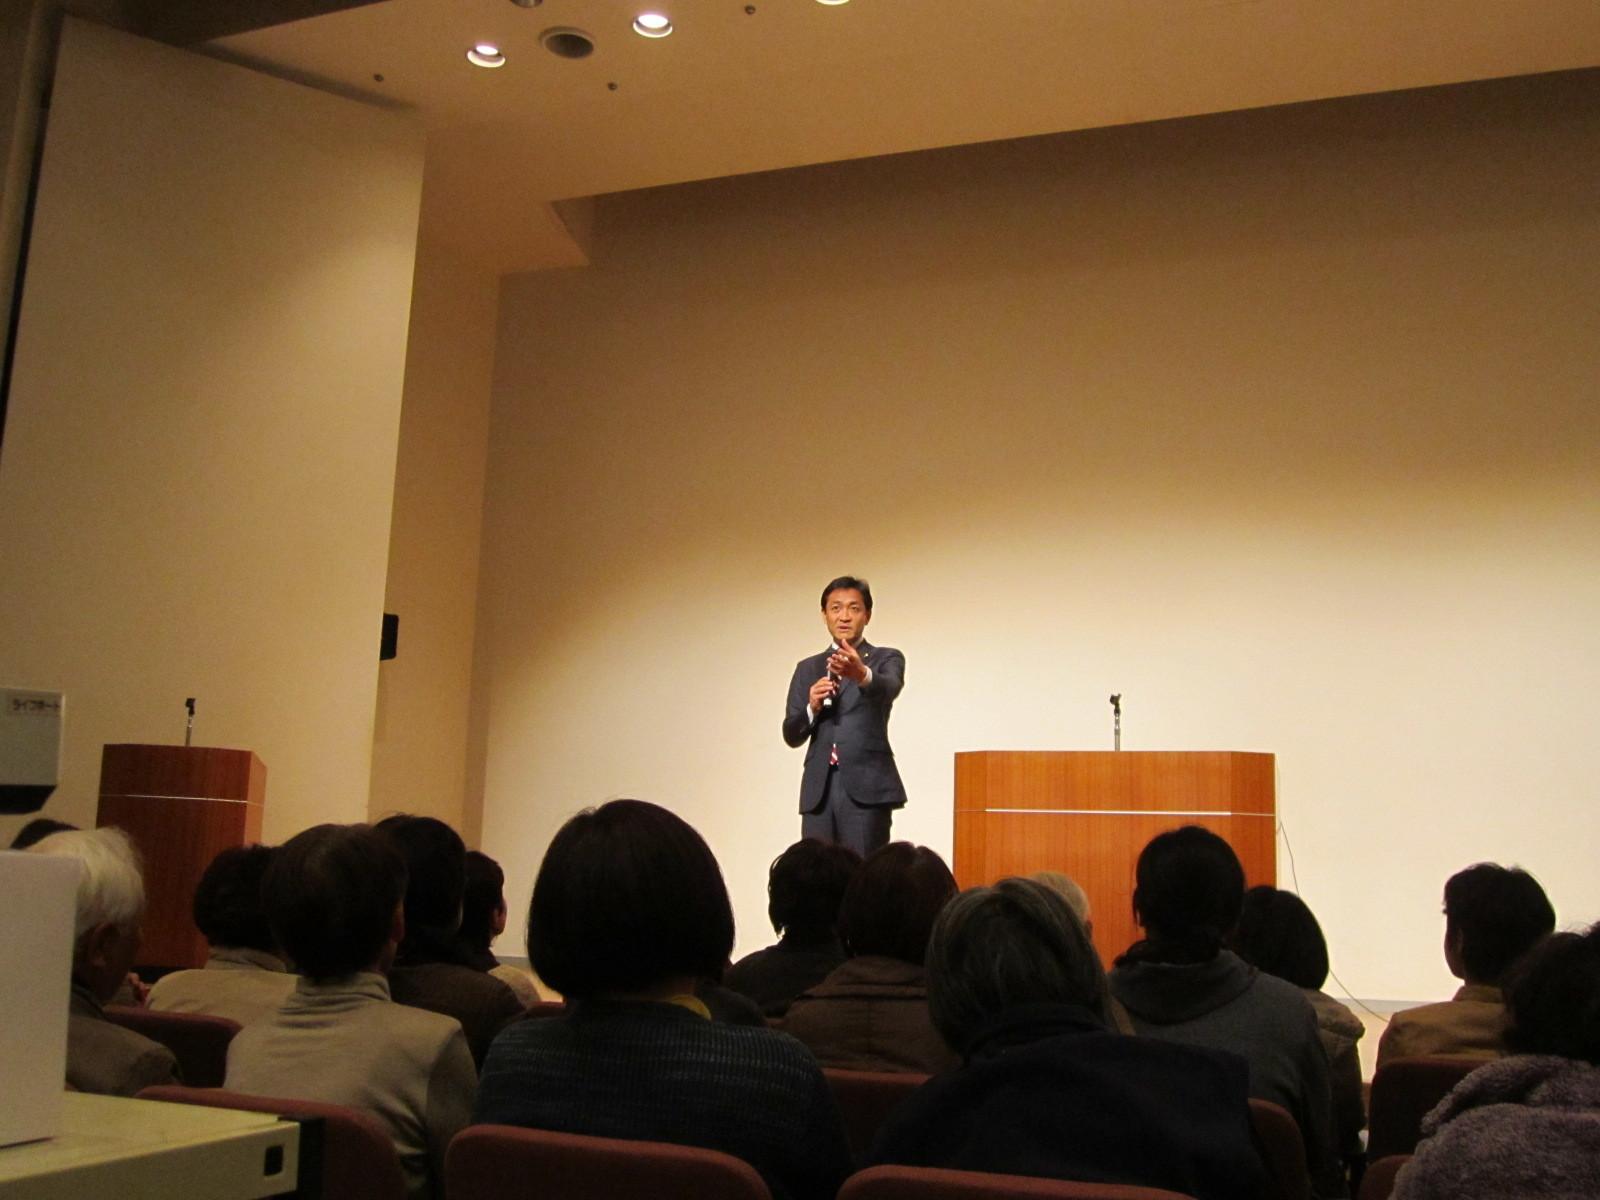 玉木雄一郎 & 関健一郎 講演会_c0189426_21211572.jpg